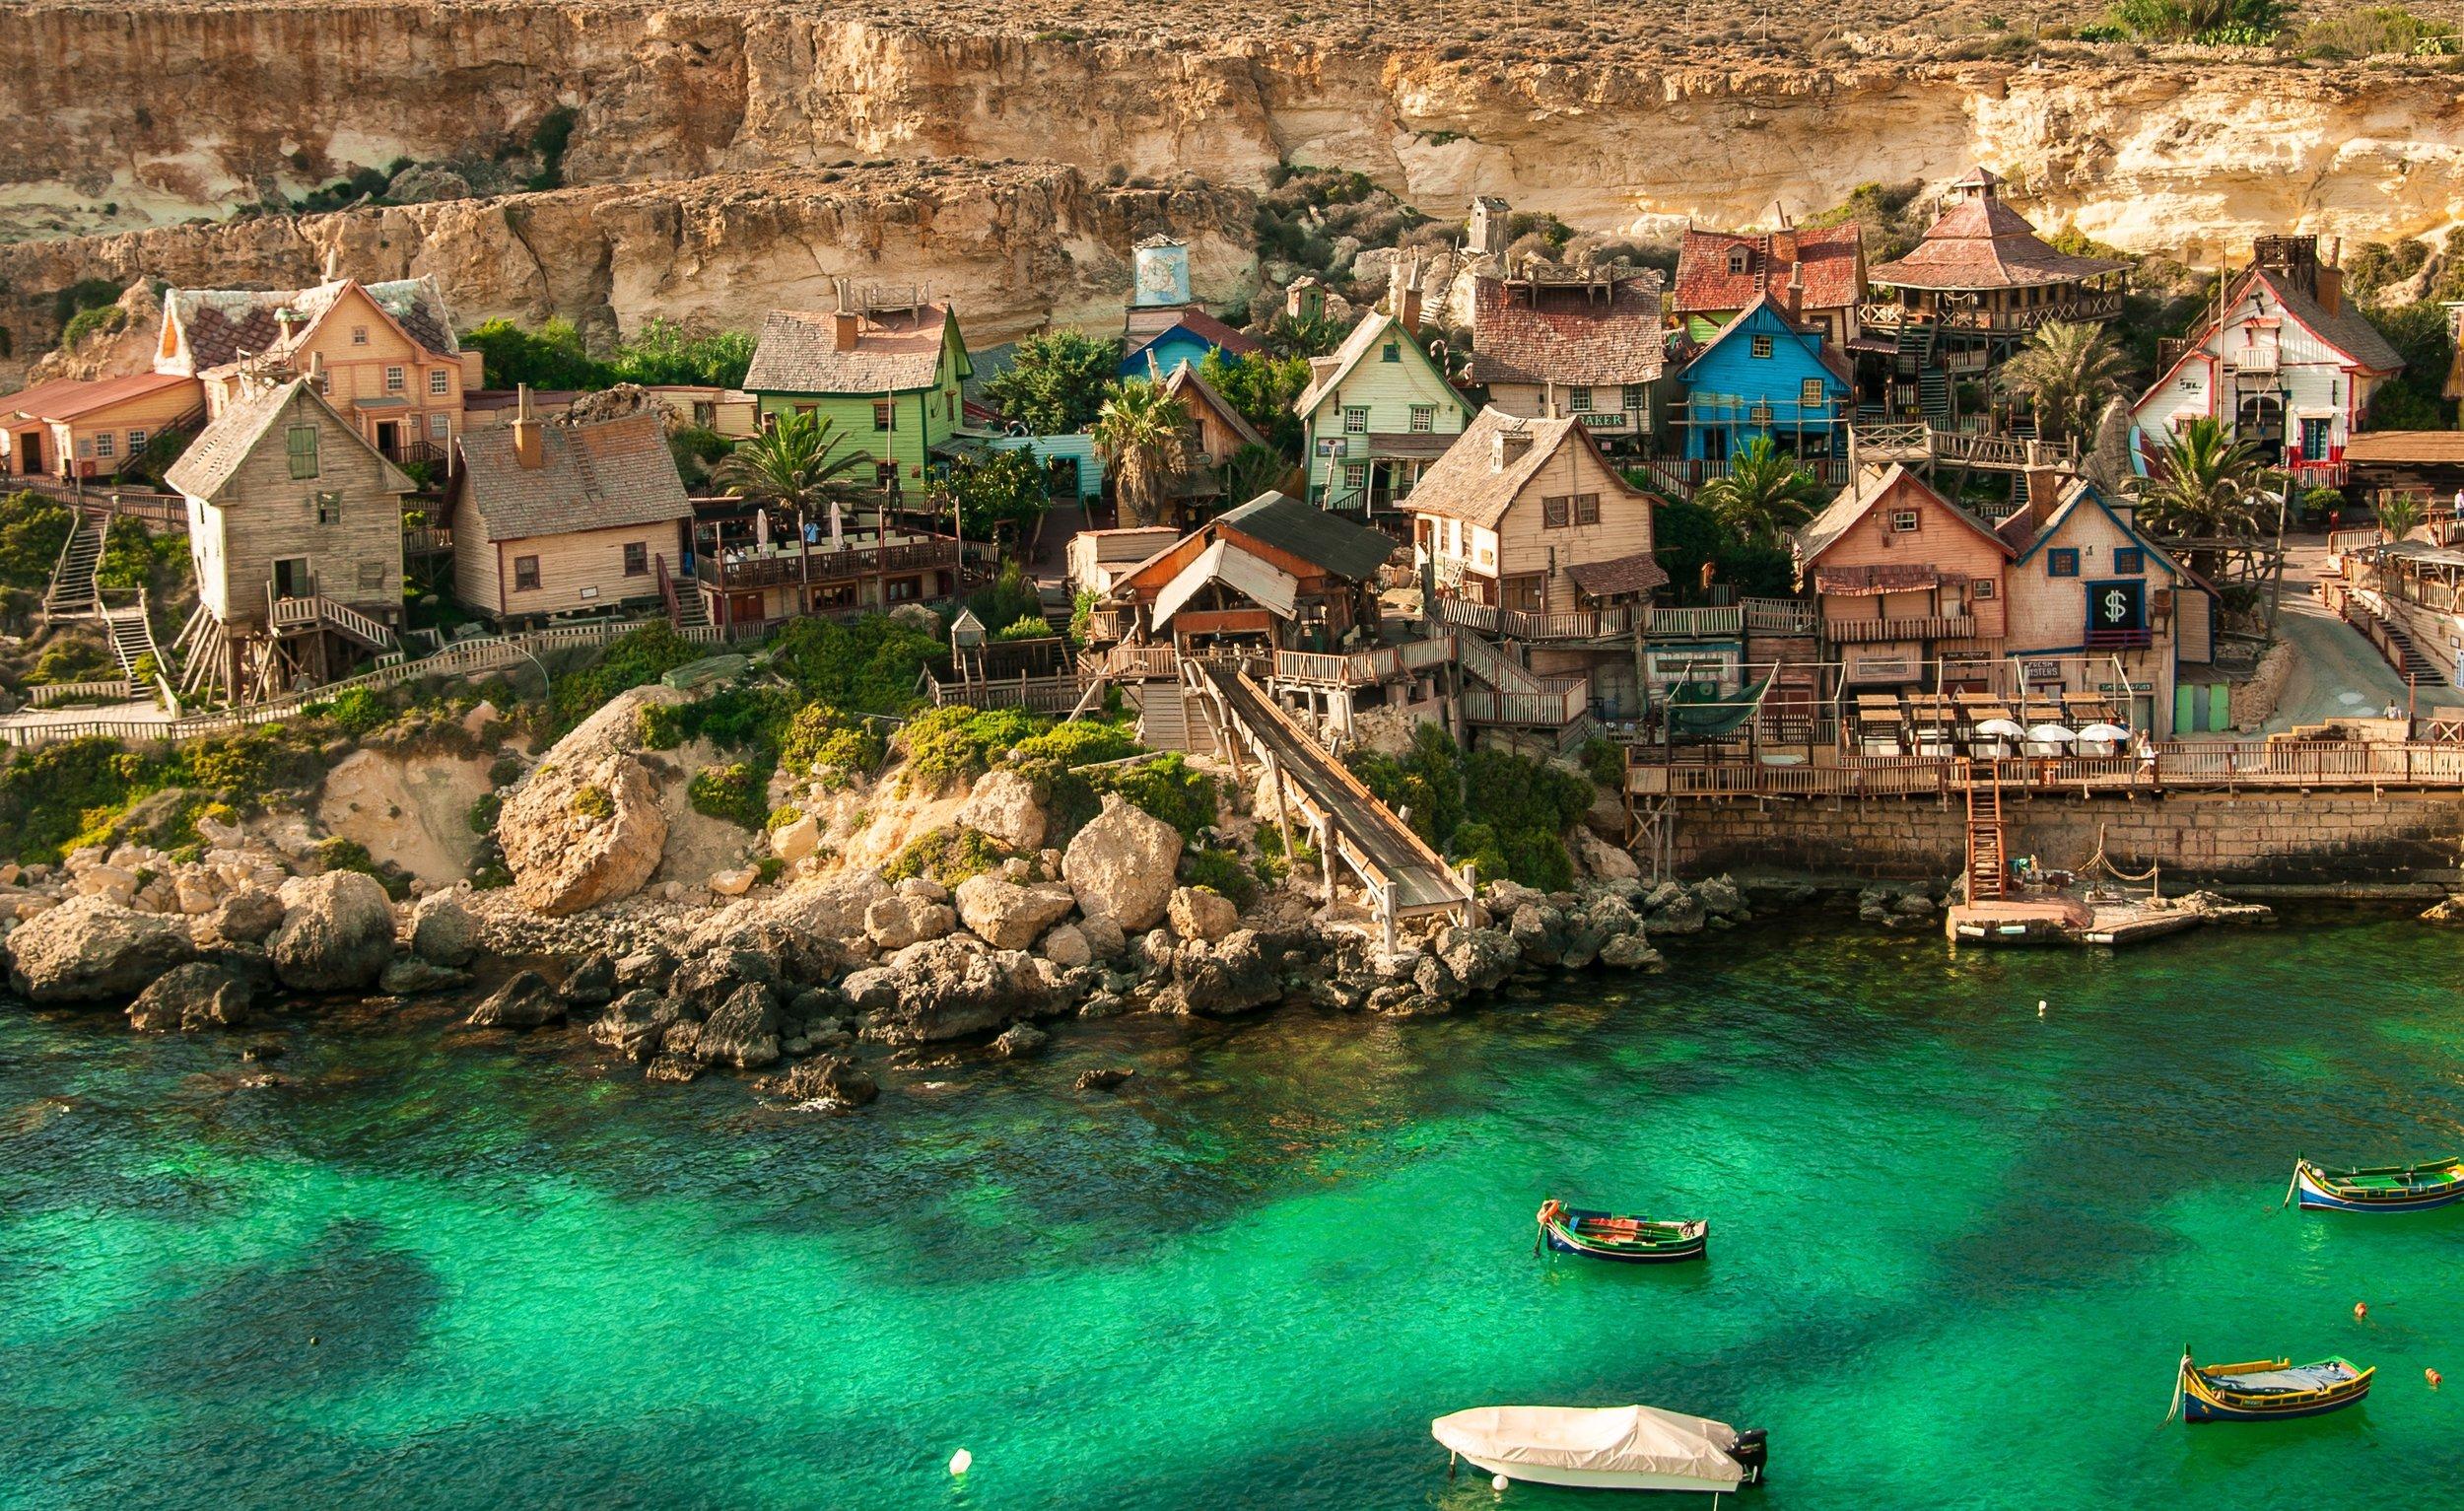 Popeye Village, Malta Foto by:  @magdaleny